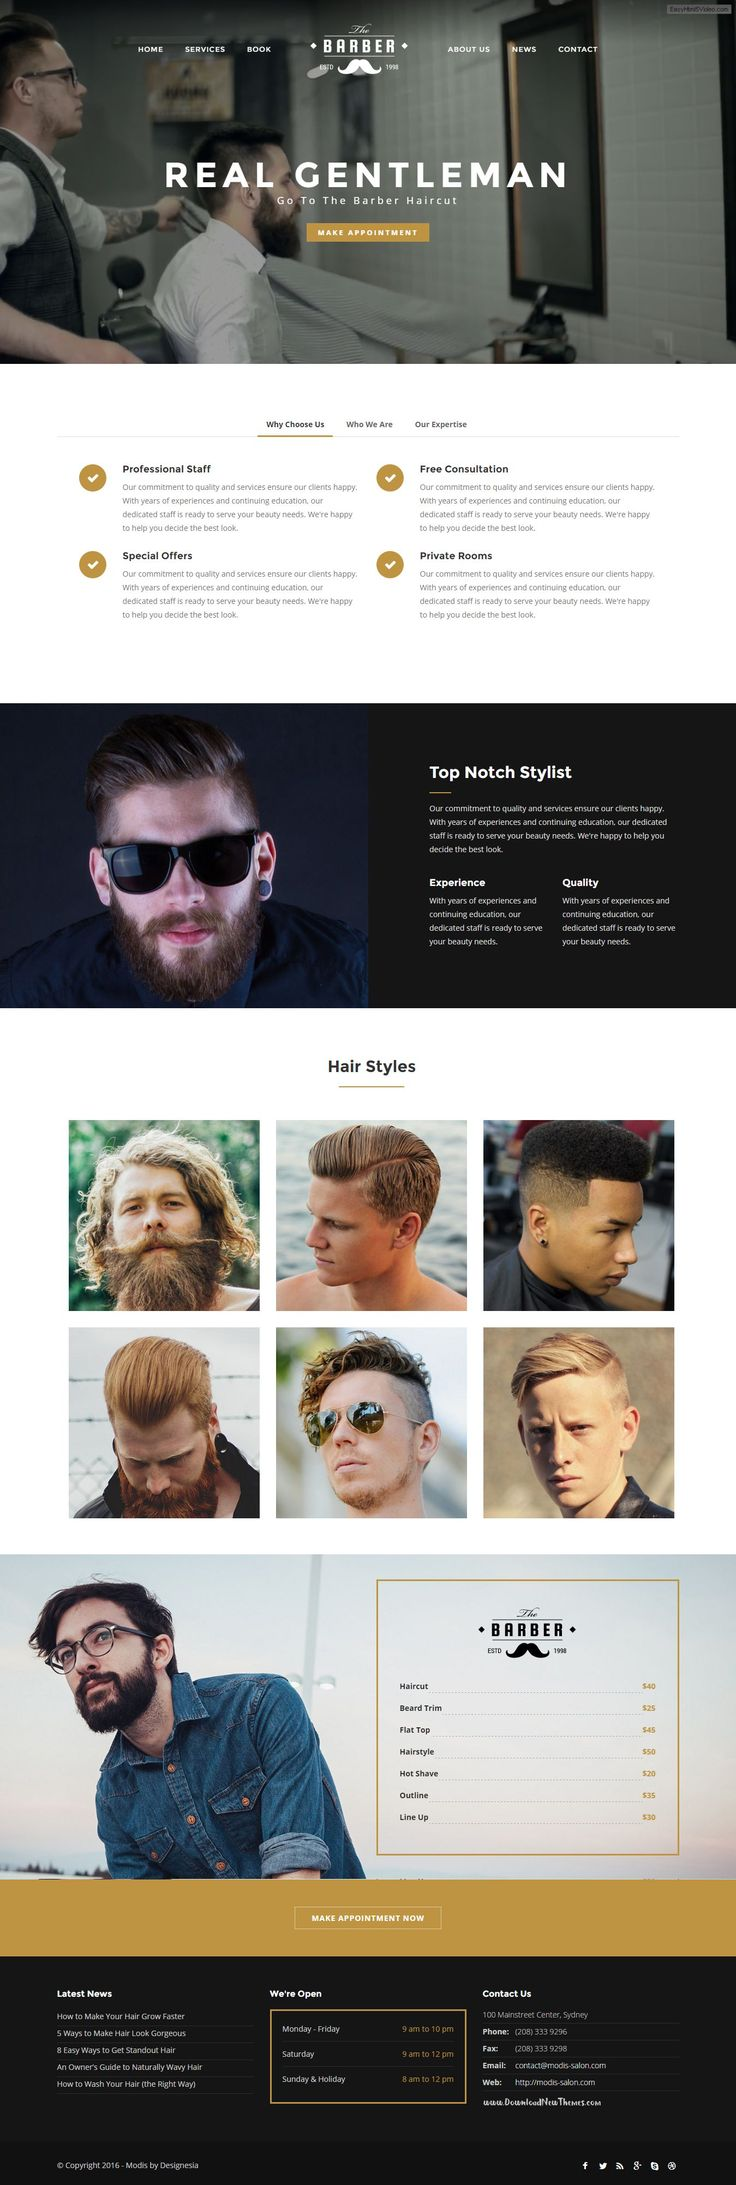 Modis Salon Spa u0026 Barber Website